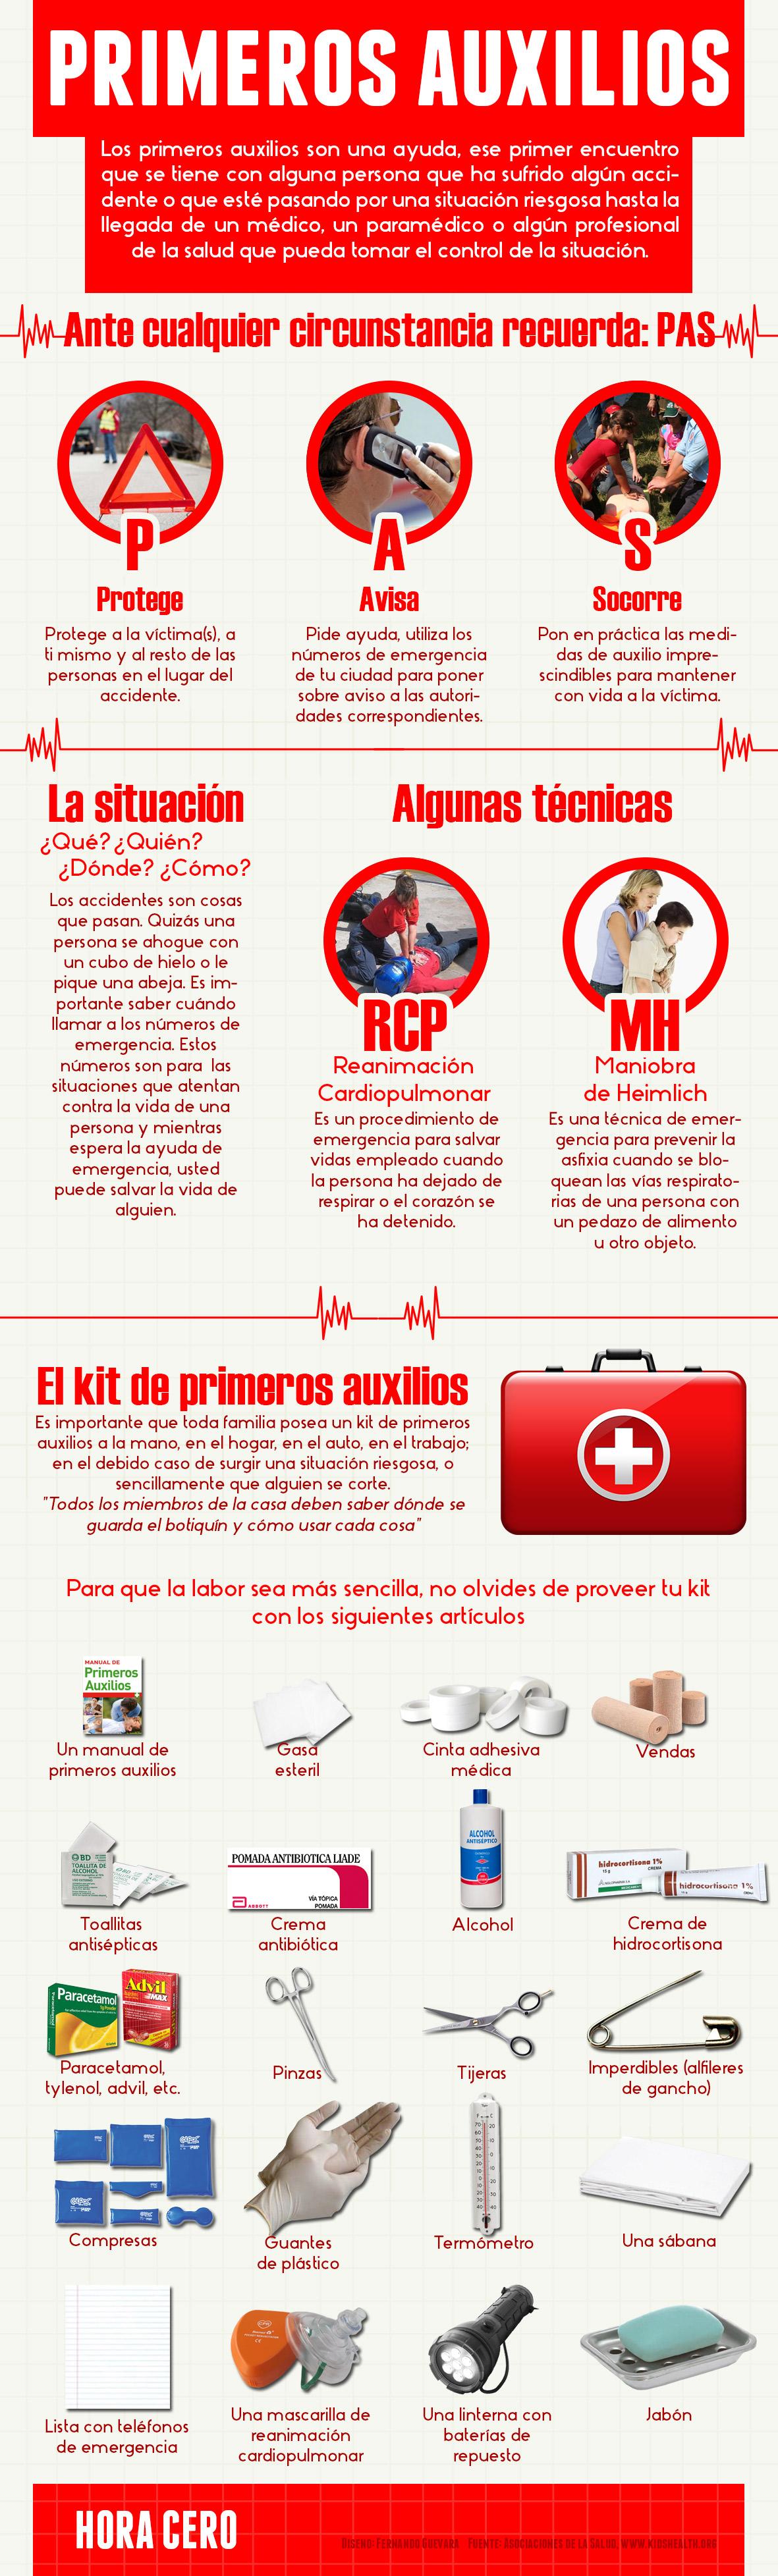 Infografía: Primeros Auxilios